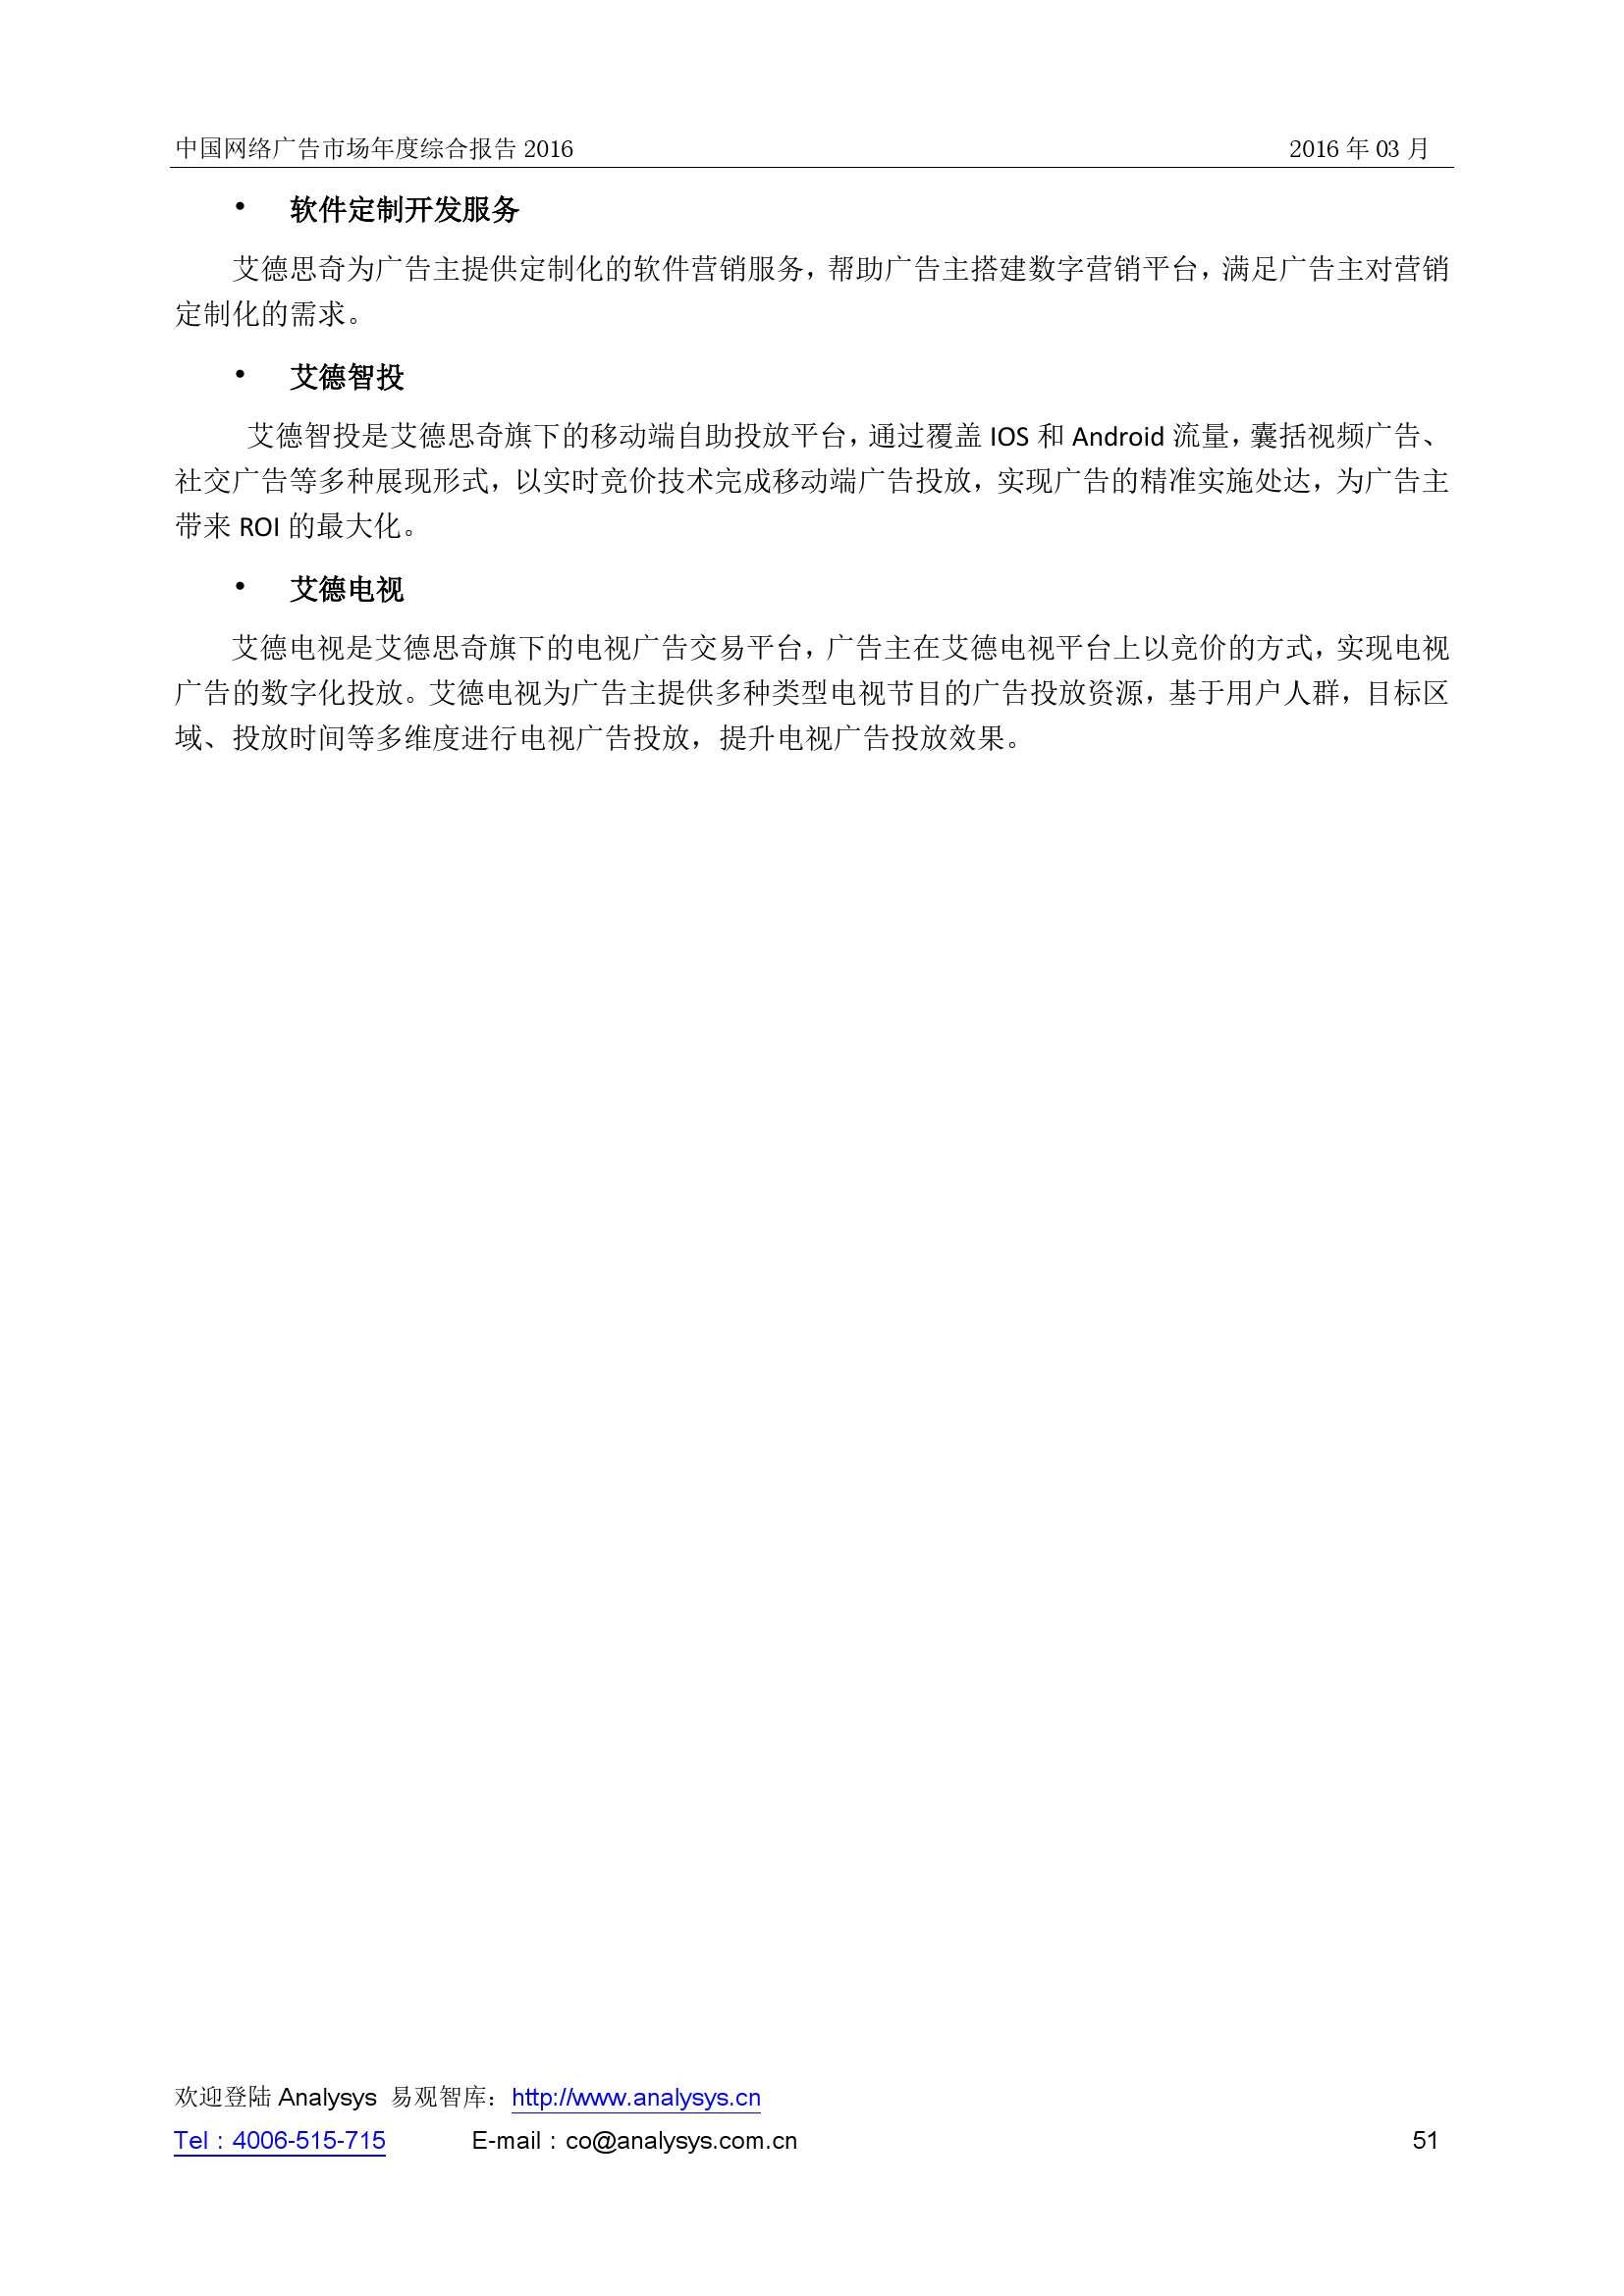 中国网络广告市场年度综合报告2016_000051